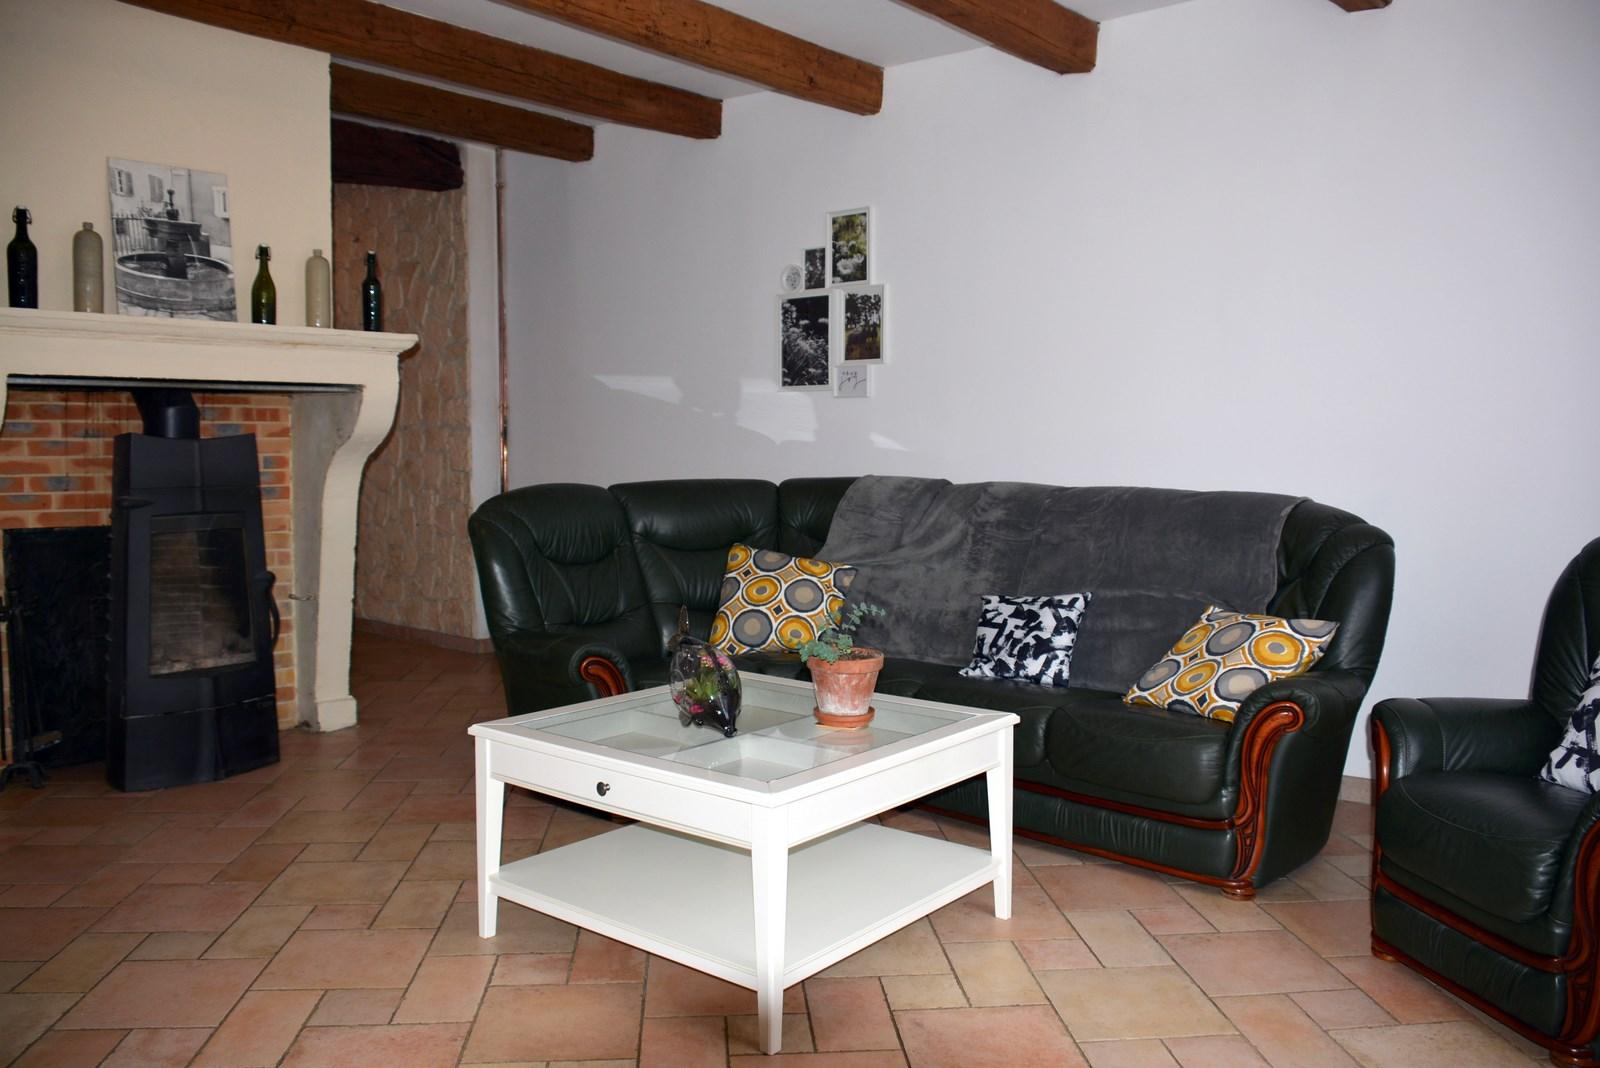 Salon du gîte - sa cheminée, ses poutres - location de vacances en ARGONNE